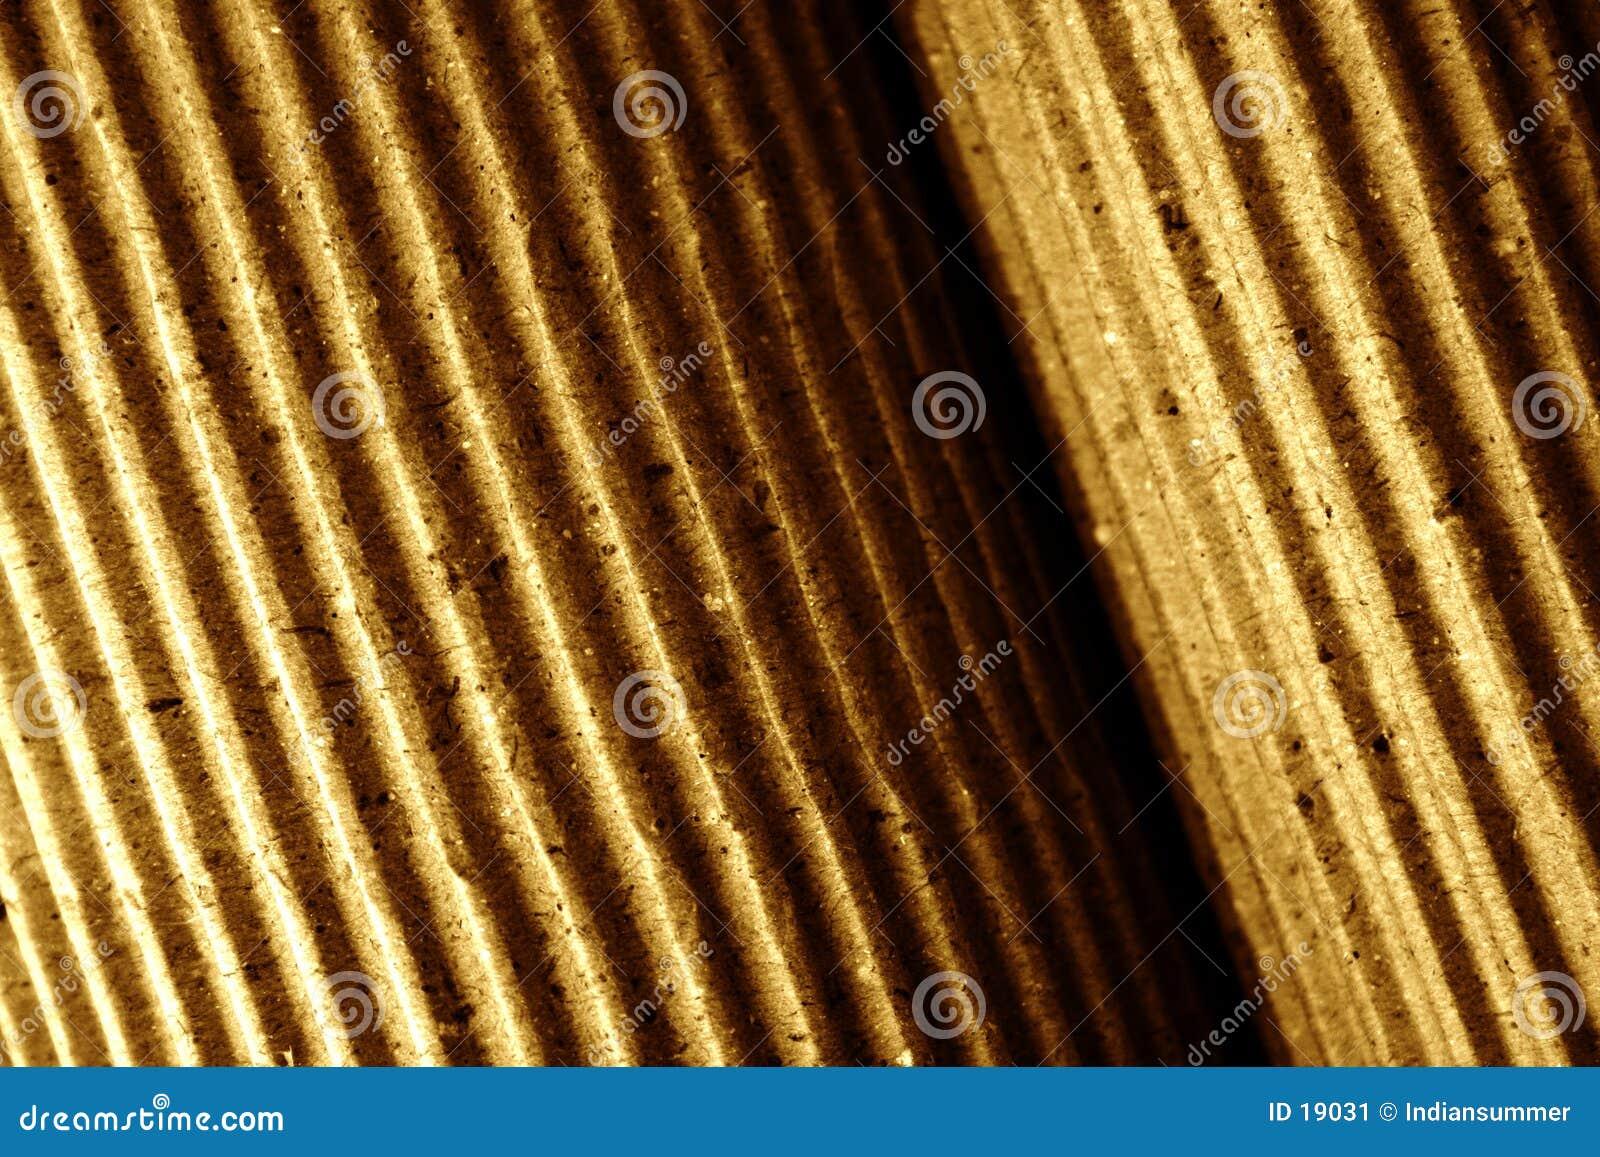 滚被定调子的接近的波状纸板